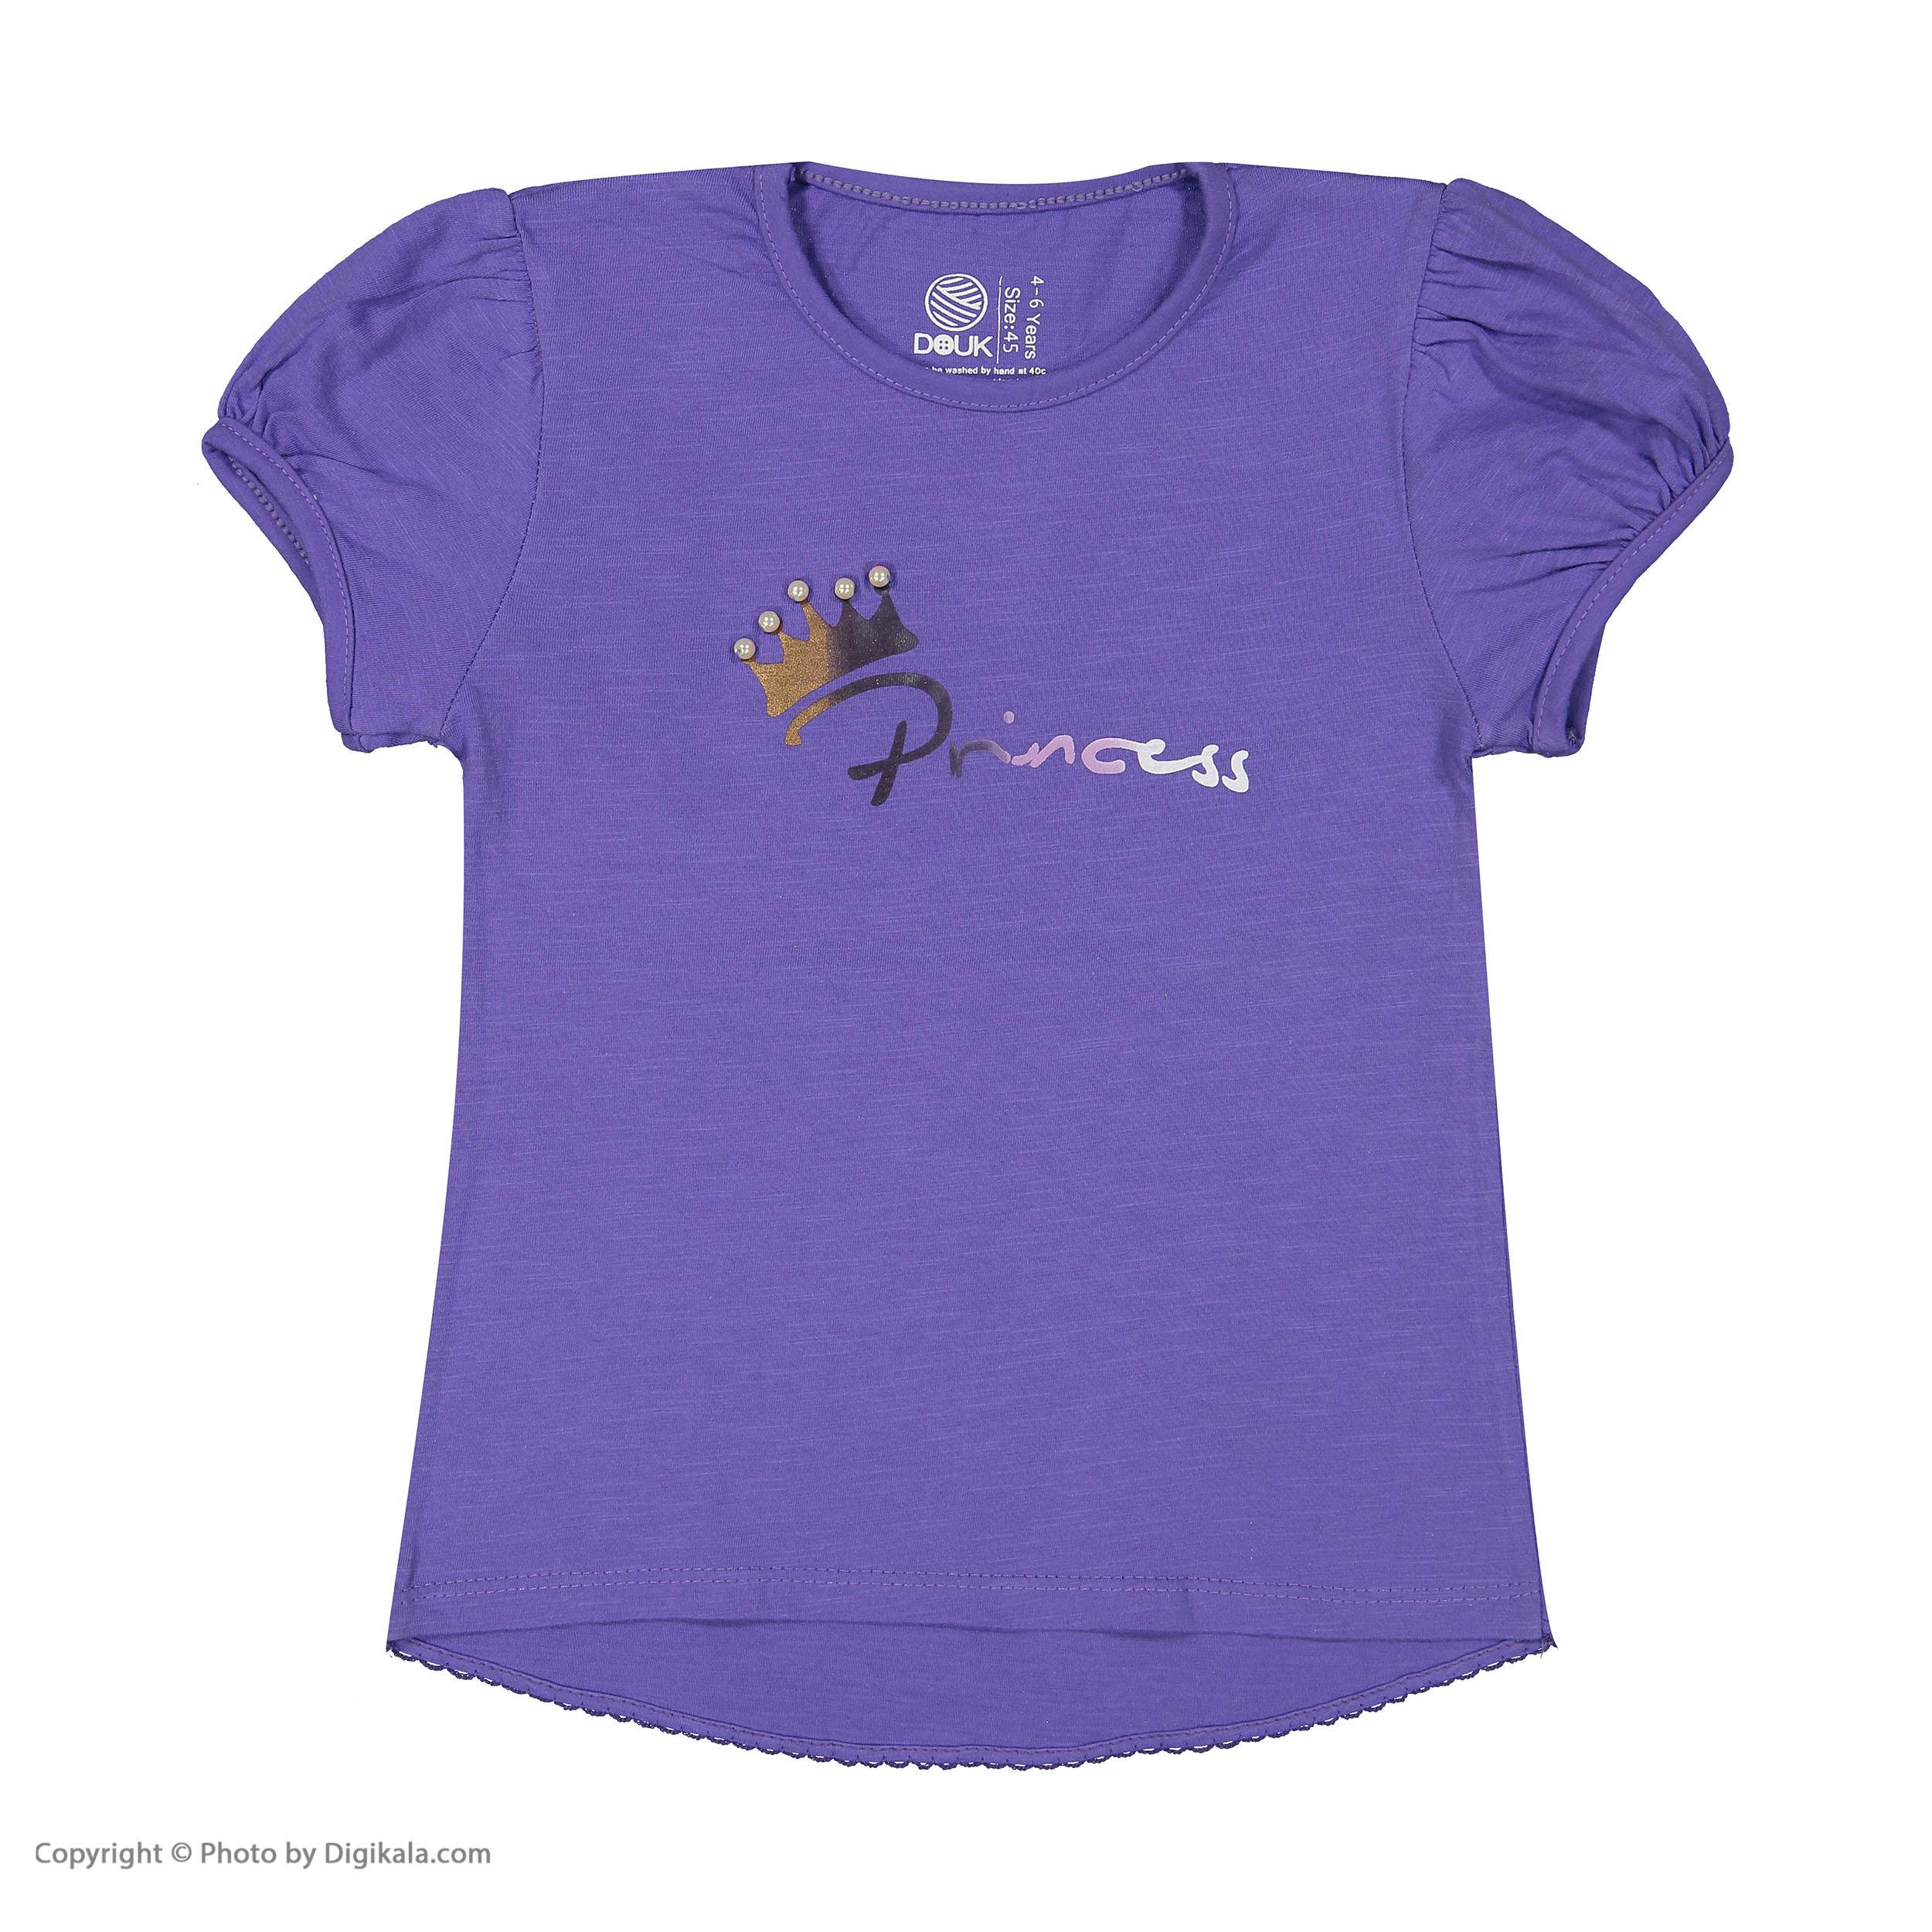 تی شرت دخترانه سون پون مدل 1391263-62